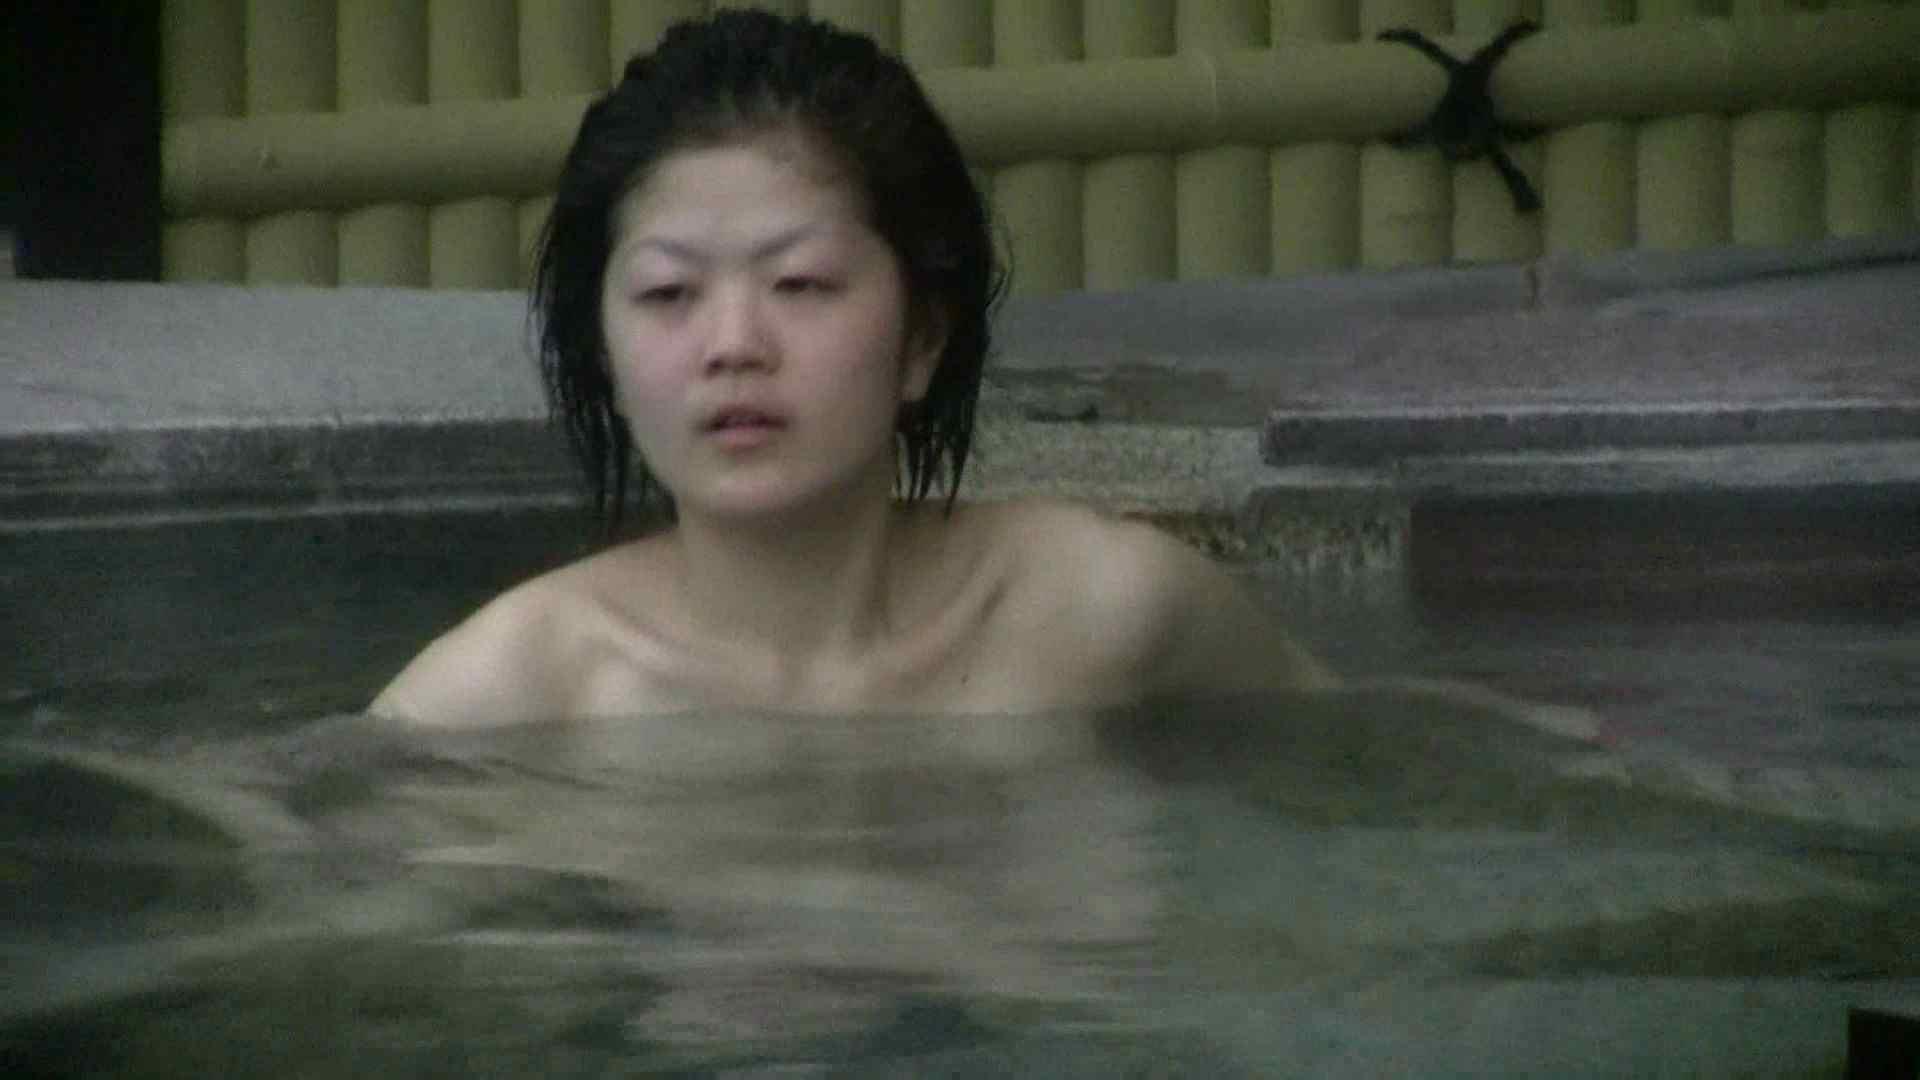 Aquaな露天風呂Vol.538 露天 | 盗撮  48pic 14